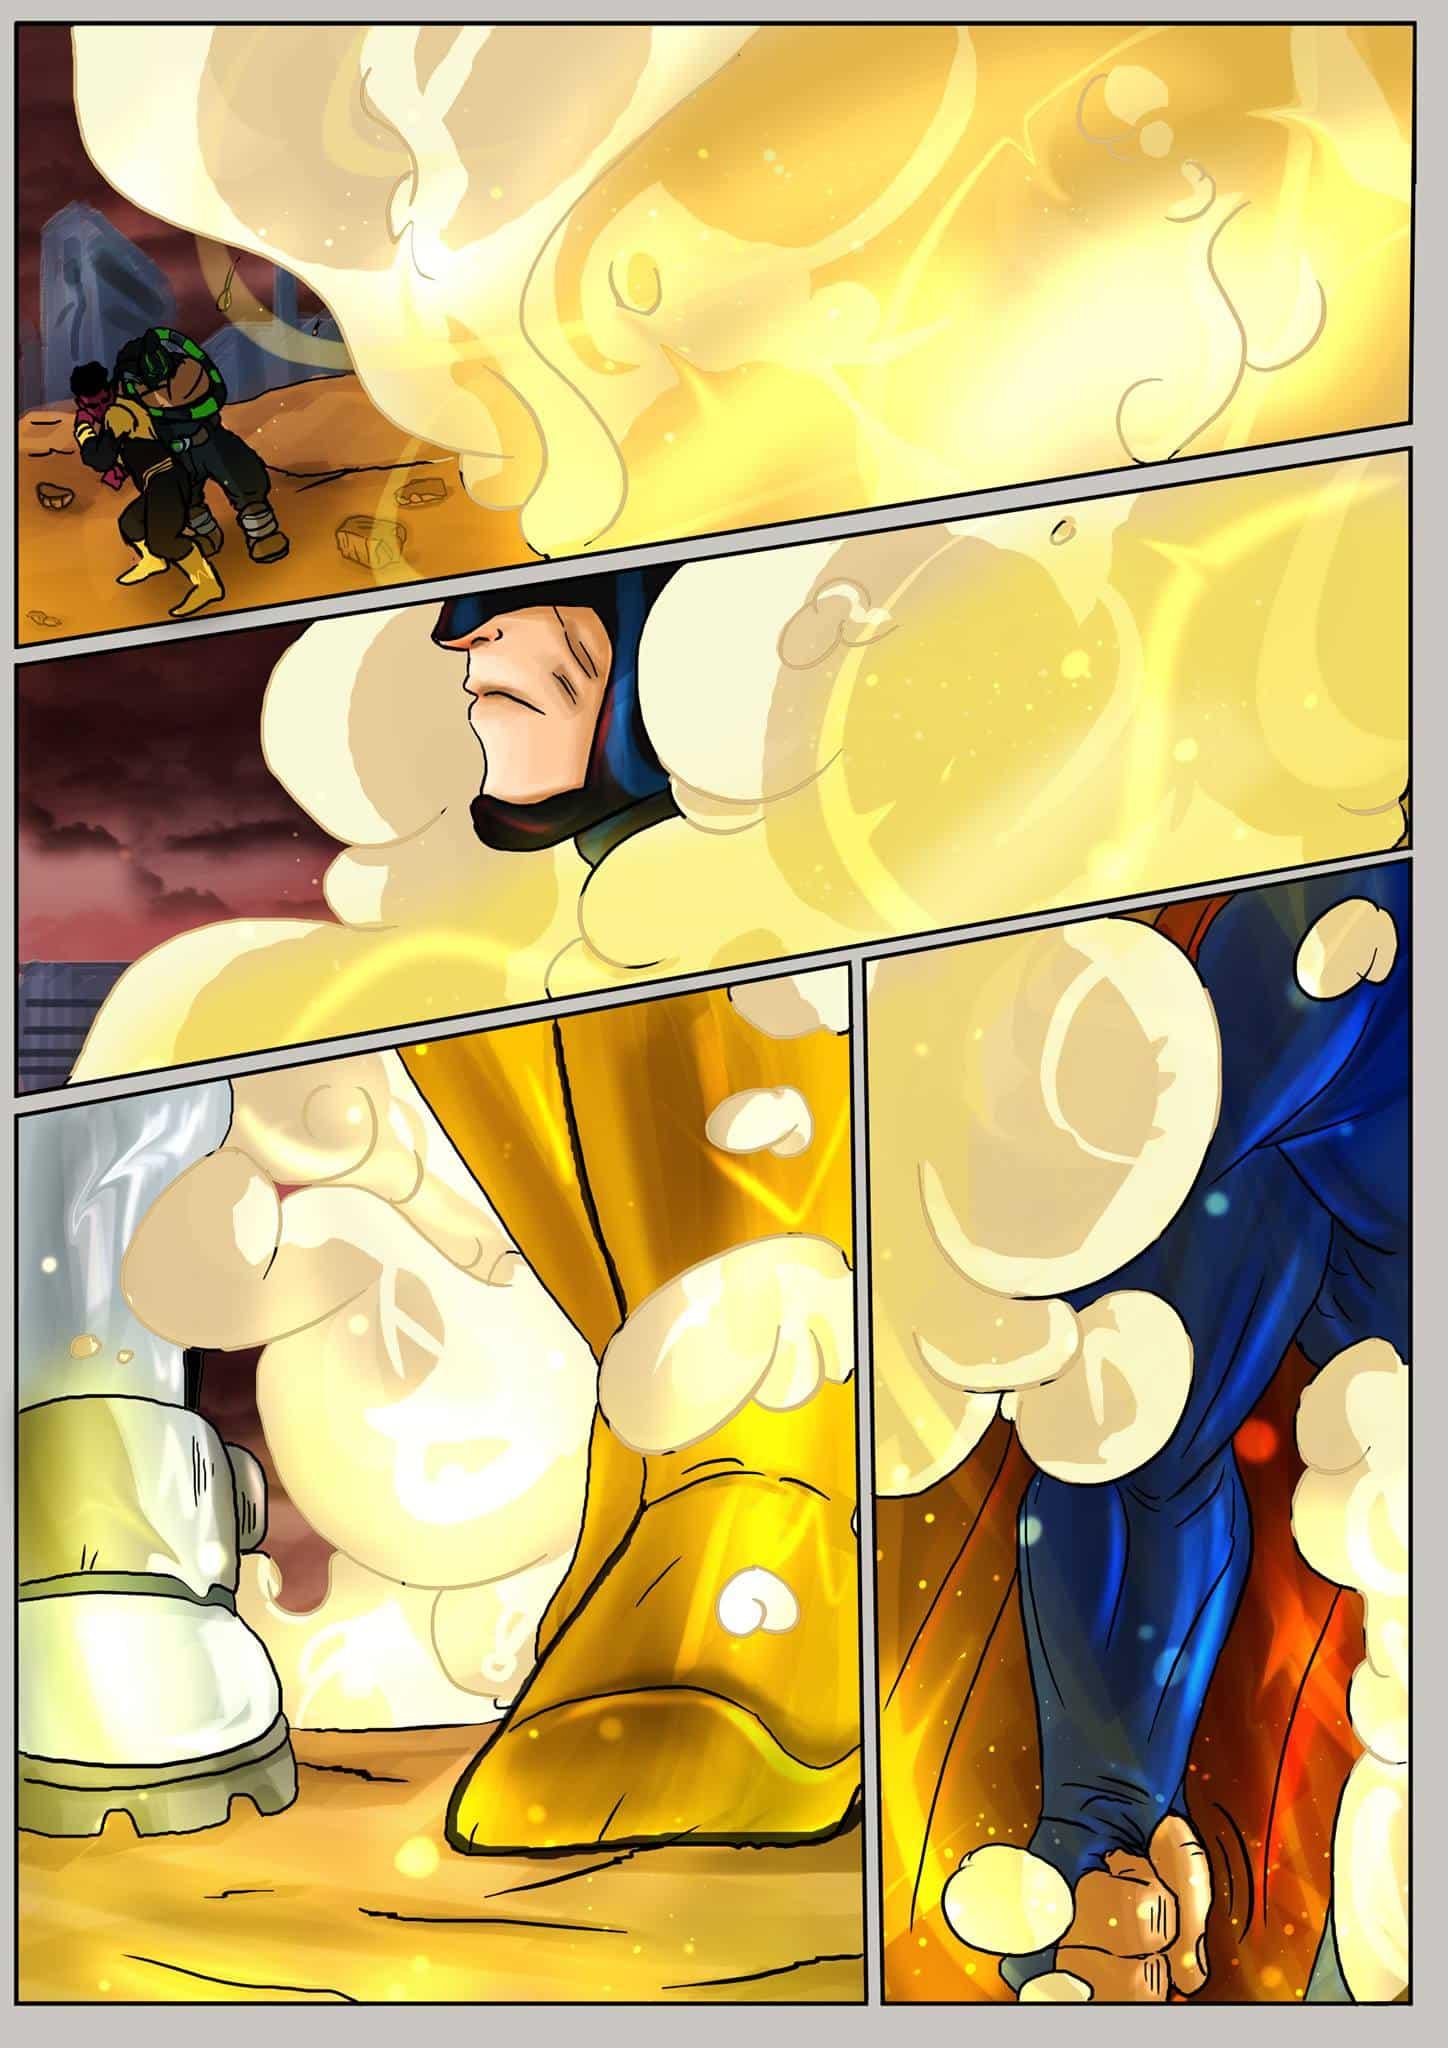 Justice league goku - 13